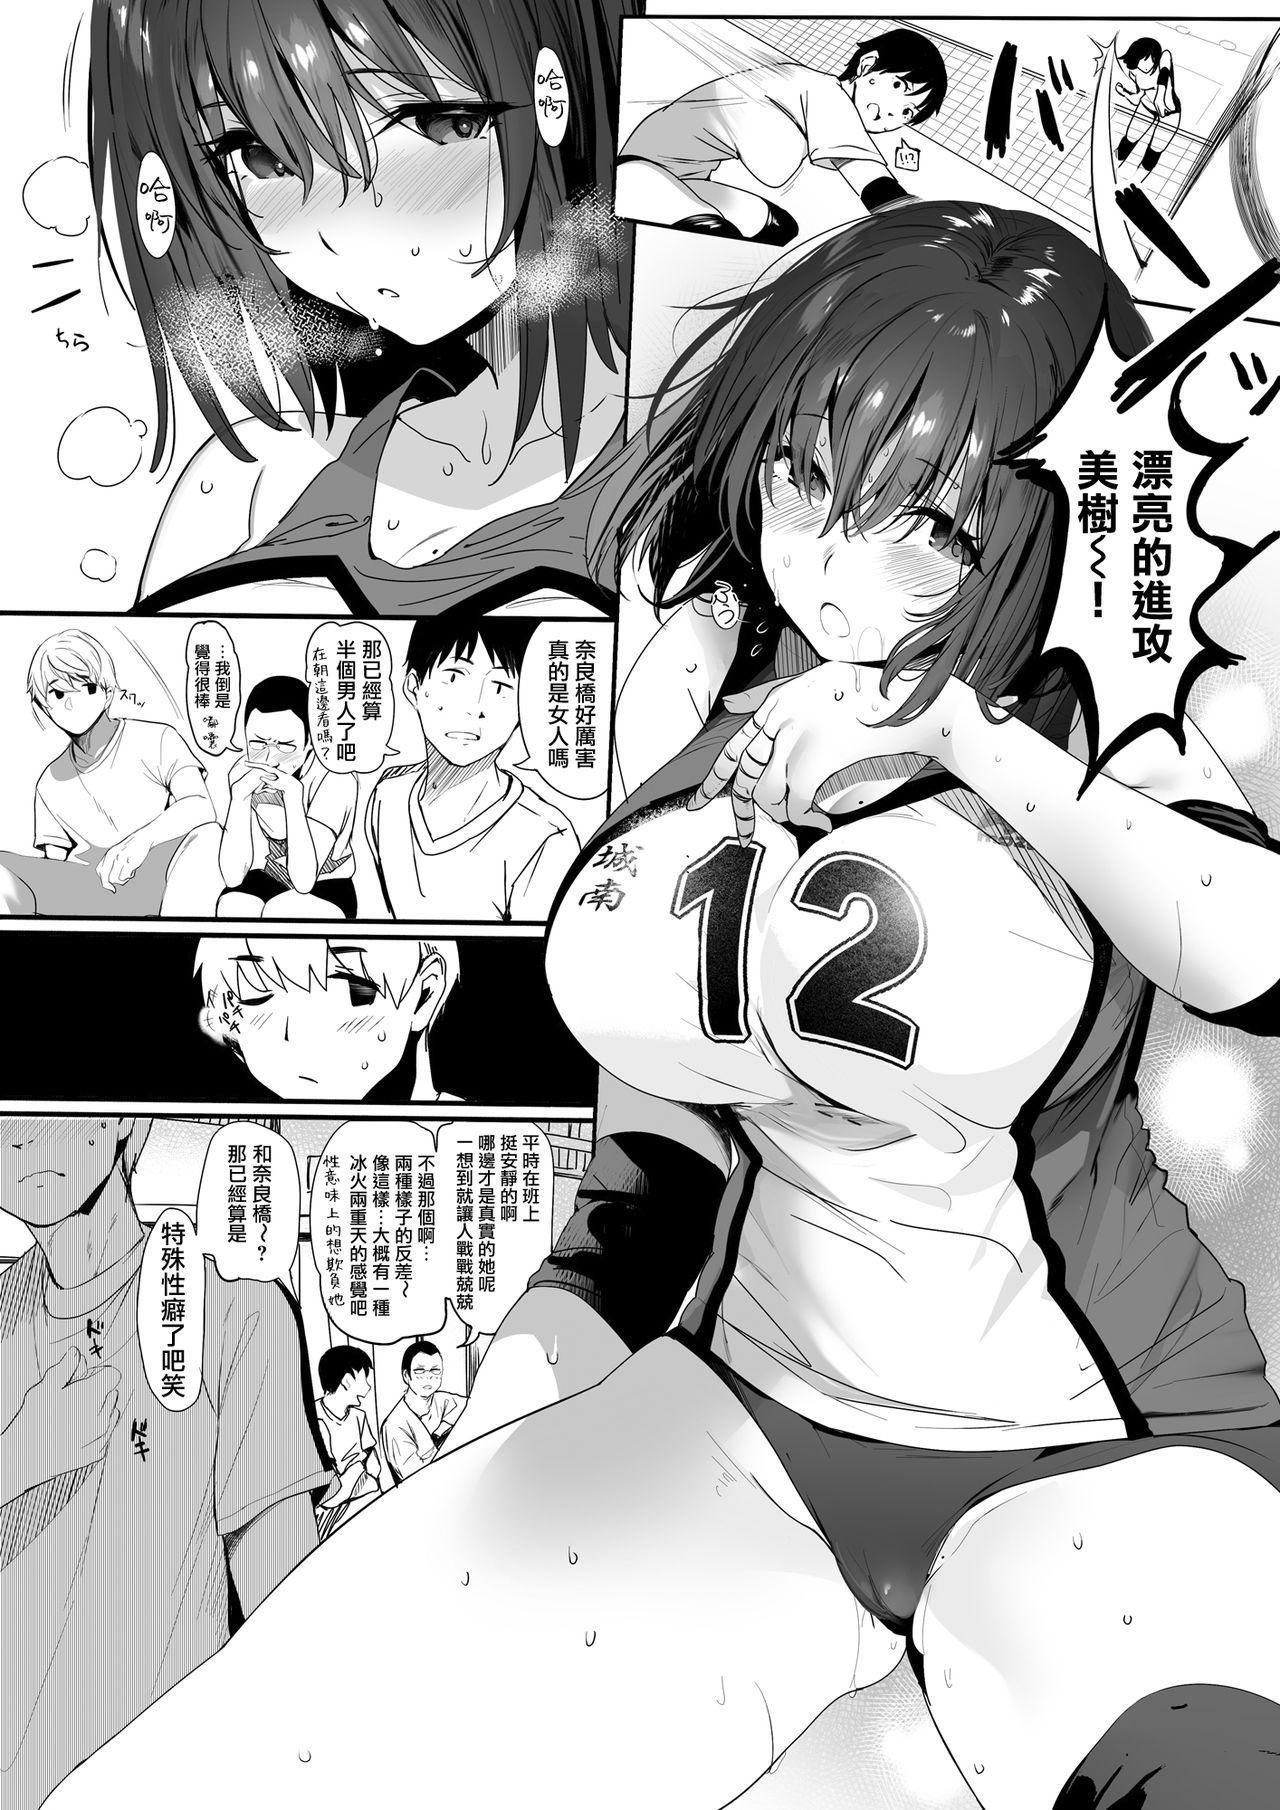 Koushinchou Volley-bu no Seisokei Kanojo ga Senpai no Mono ni Natte Shimau Ichibushijuu | 排球部的高個子清純系女友變成前輩的所有物的事情始末 3